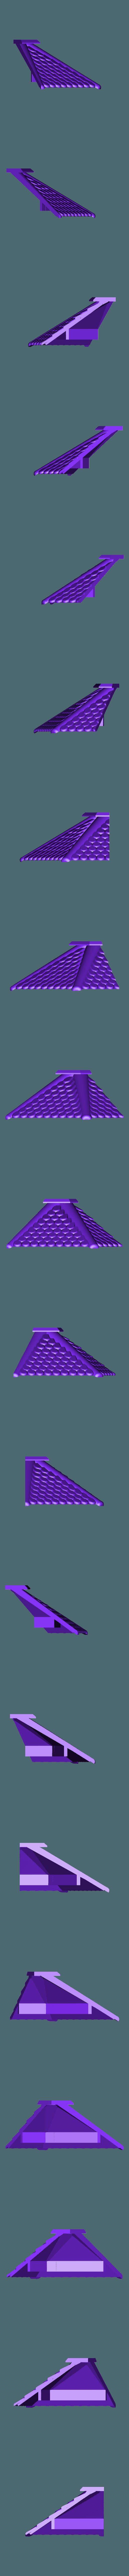 roof_part_3.stl Télécharger fichier STL gratuit Maison des oiseaux • Modèle pour imprimante 3D, poblocki1982